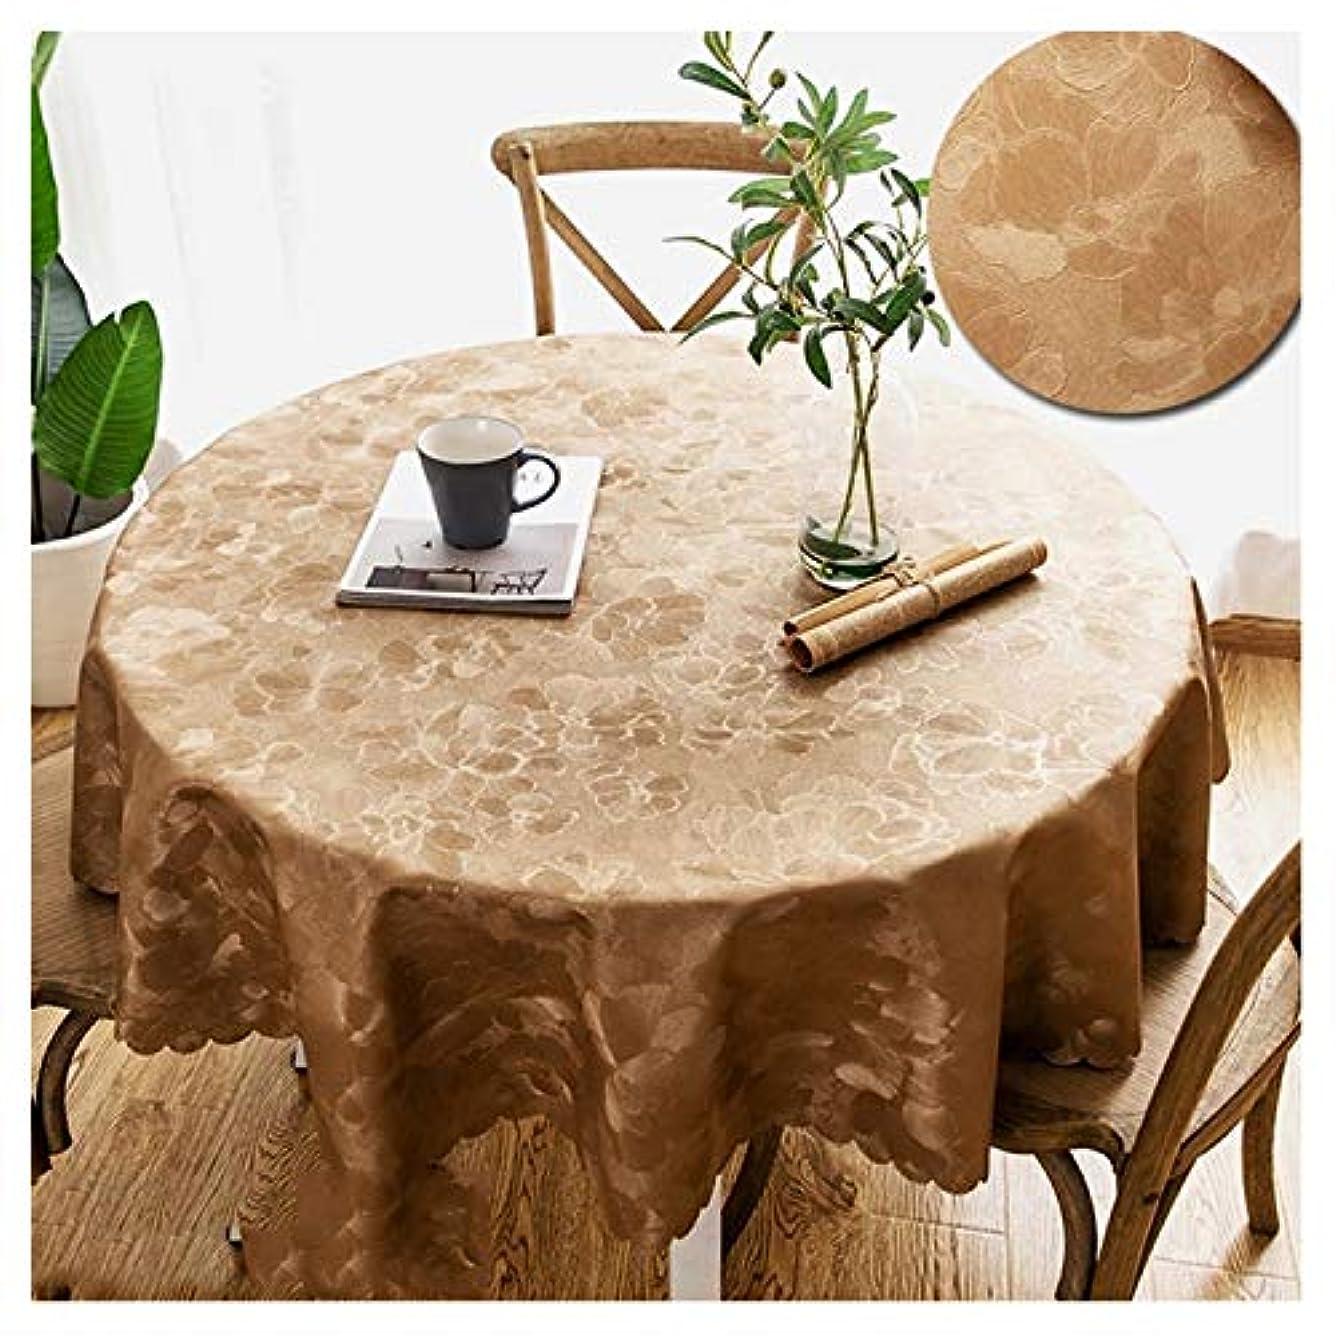 例構成員召集する円形テーブルクロス ホテルカウンターの世帯のためのオイル防止のテーブルクロスの革の反スケーリングの防水PUのテーブルマットの円形のパッド。 (Color : Brown, Size : Diameter 180cm)